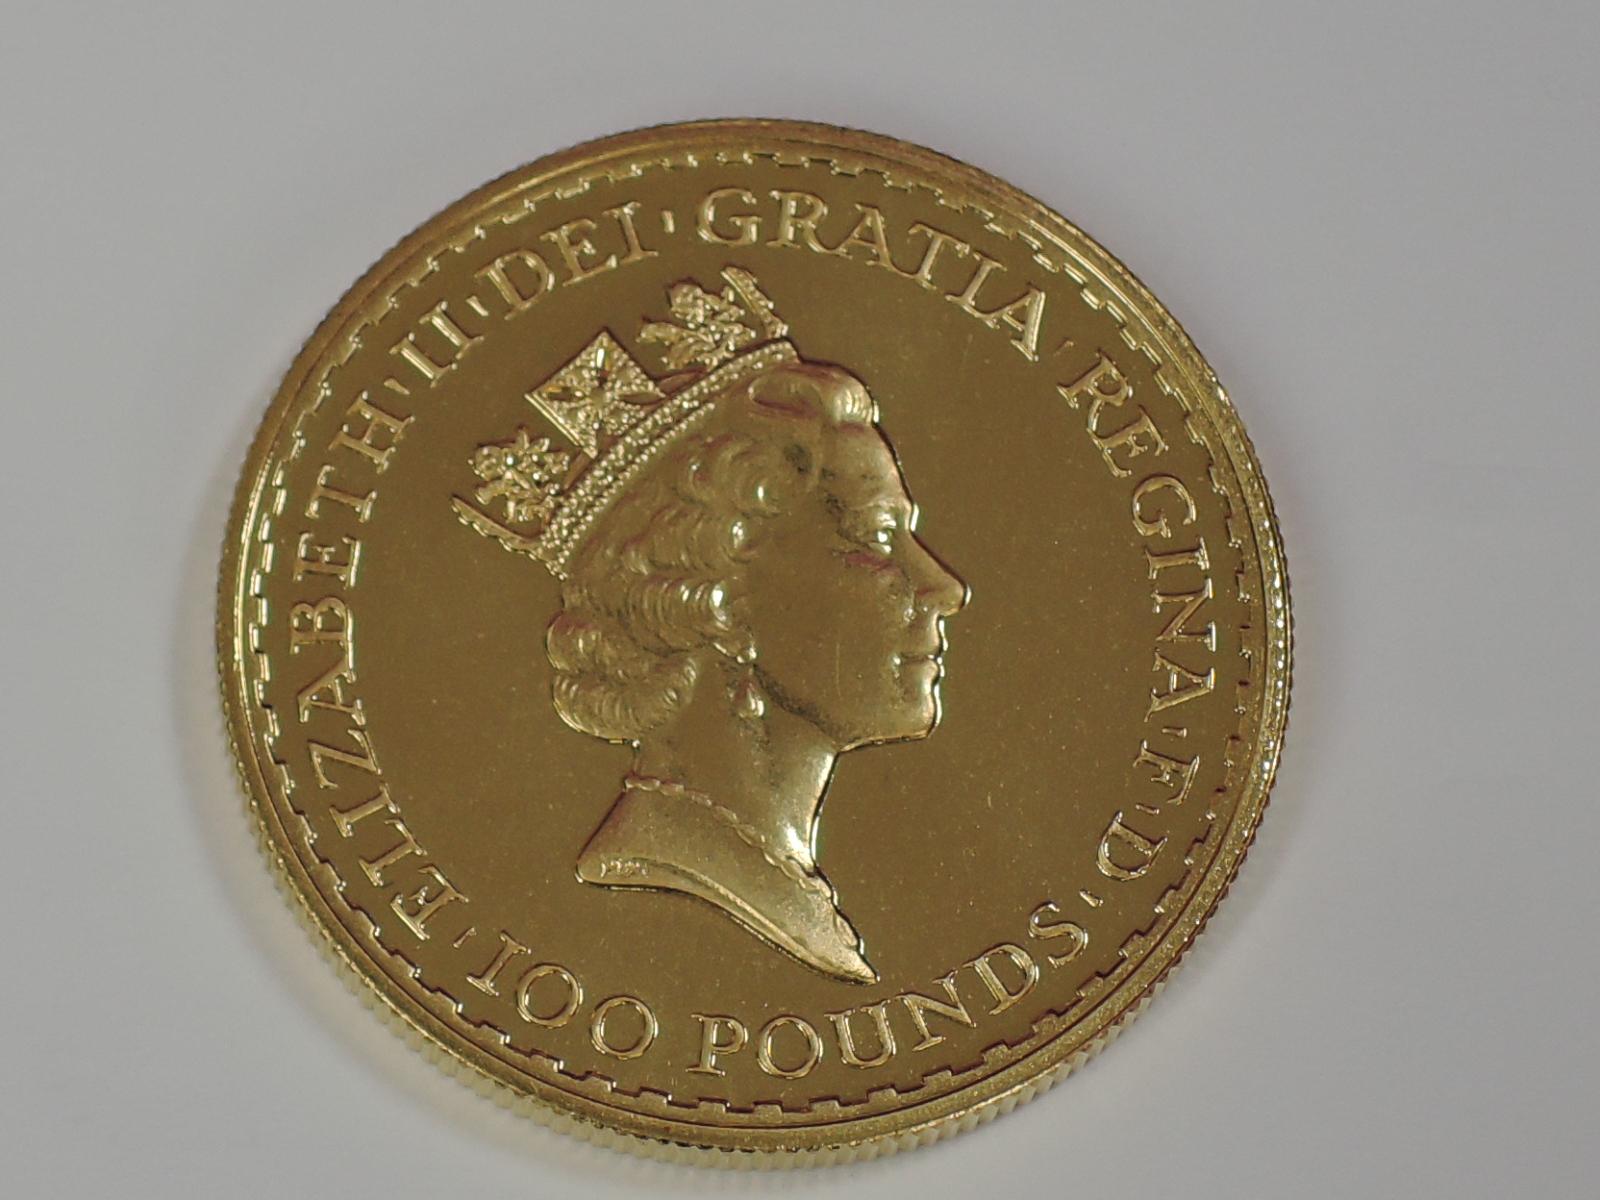 Lot 633 - A gold 1oz 1996 Great Britain Britannia 100 pound coin, in plastic case